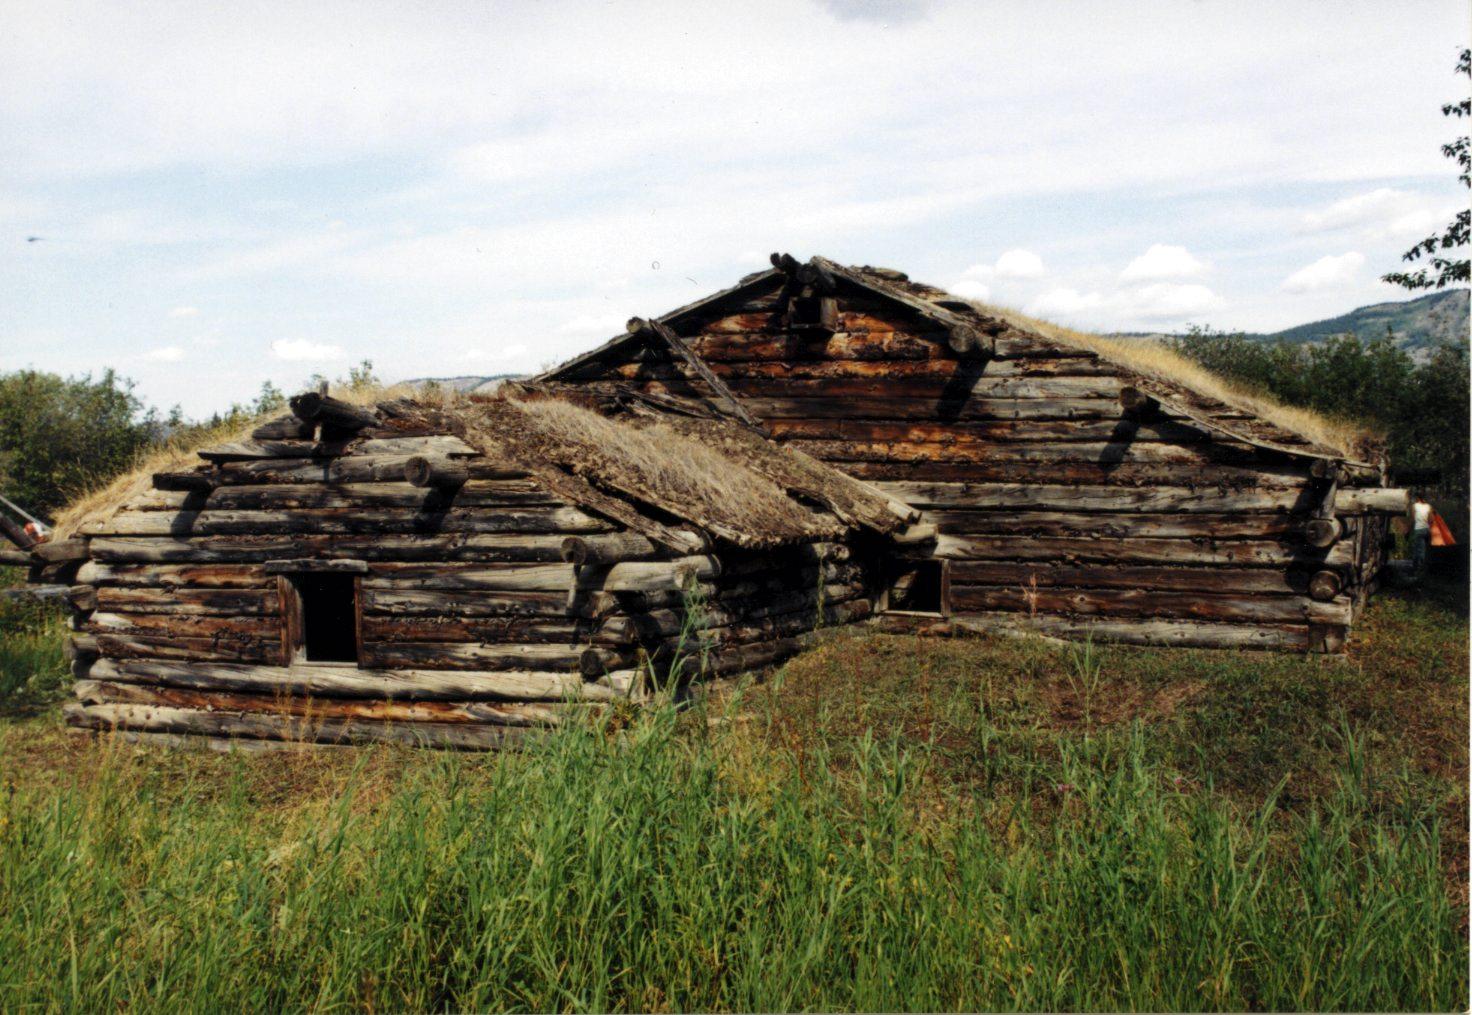 Yukon Crossing